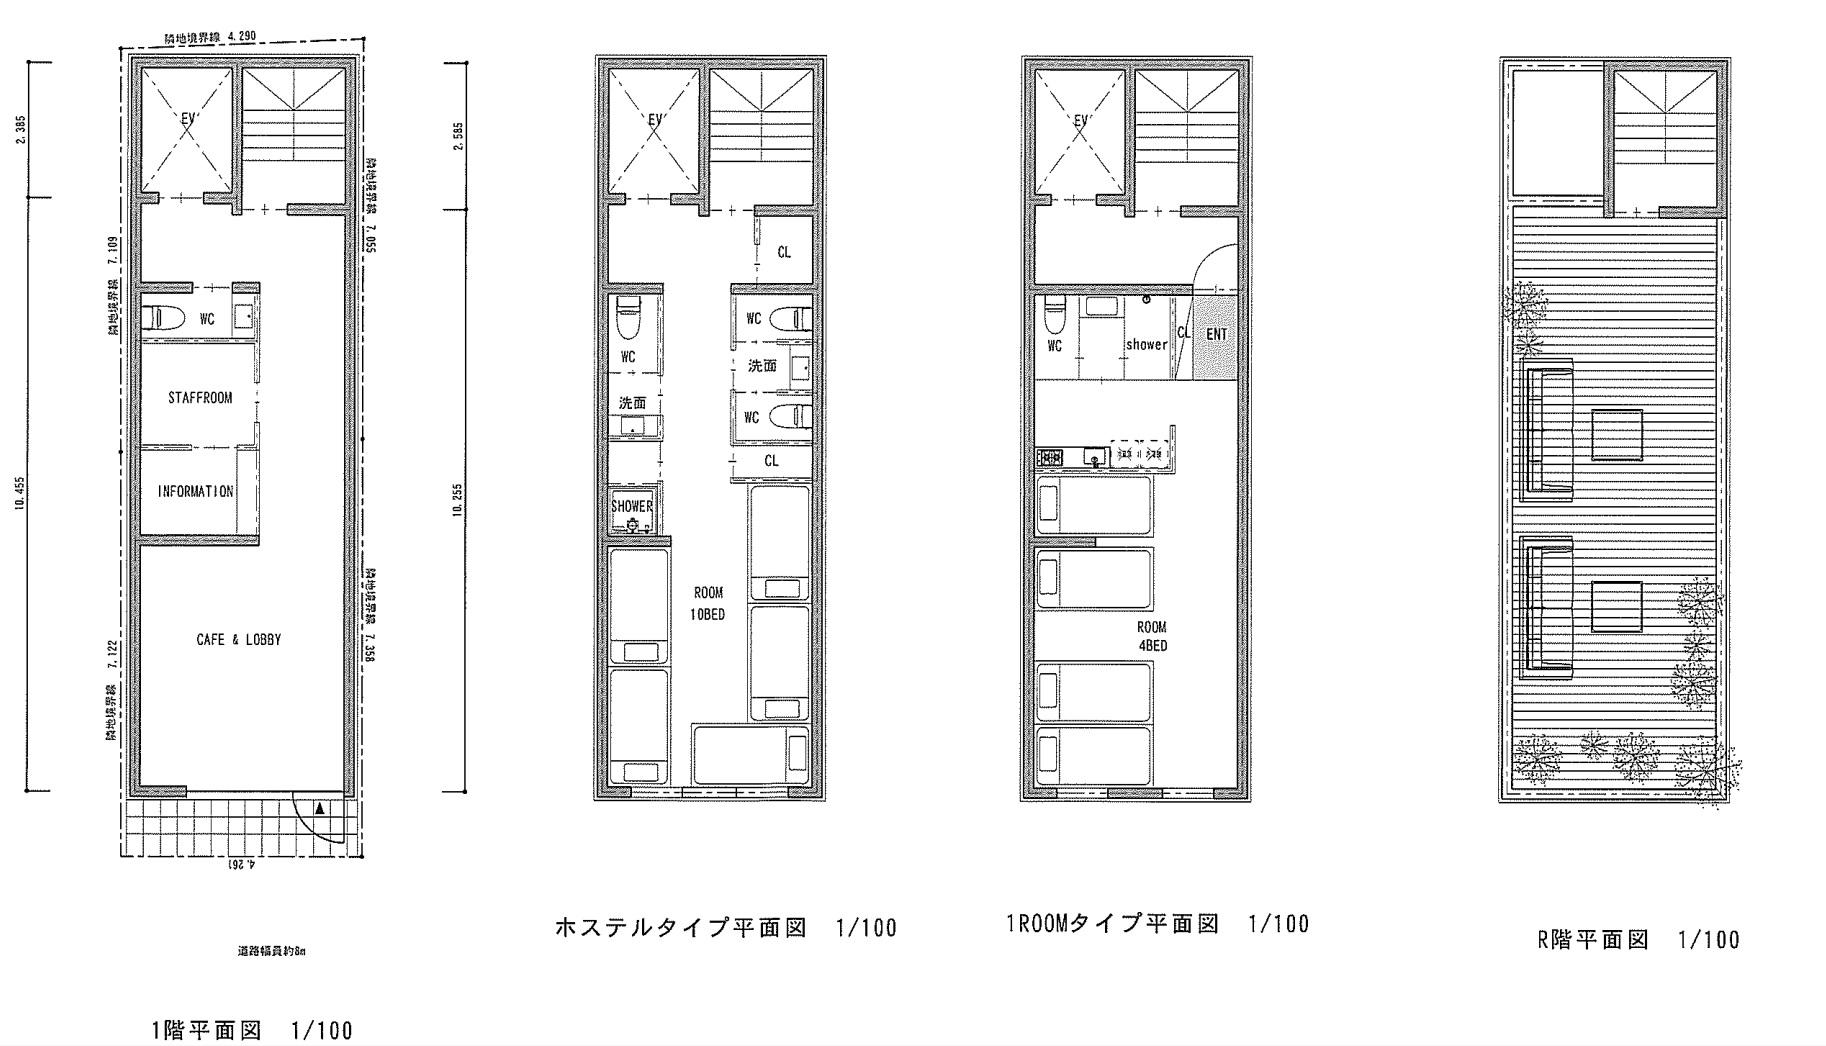 【民泊 物件】民泊(airbnb)可能物件 池袋駅 新着情報!